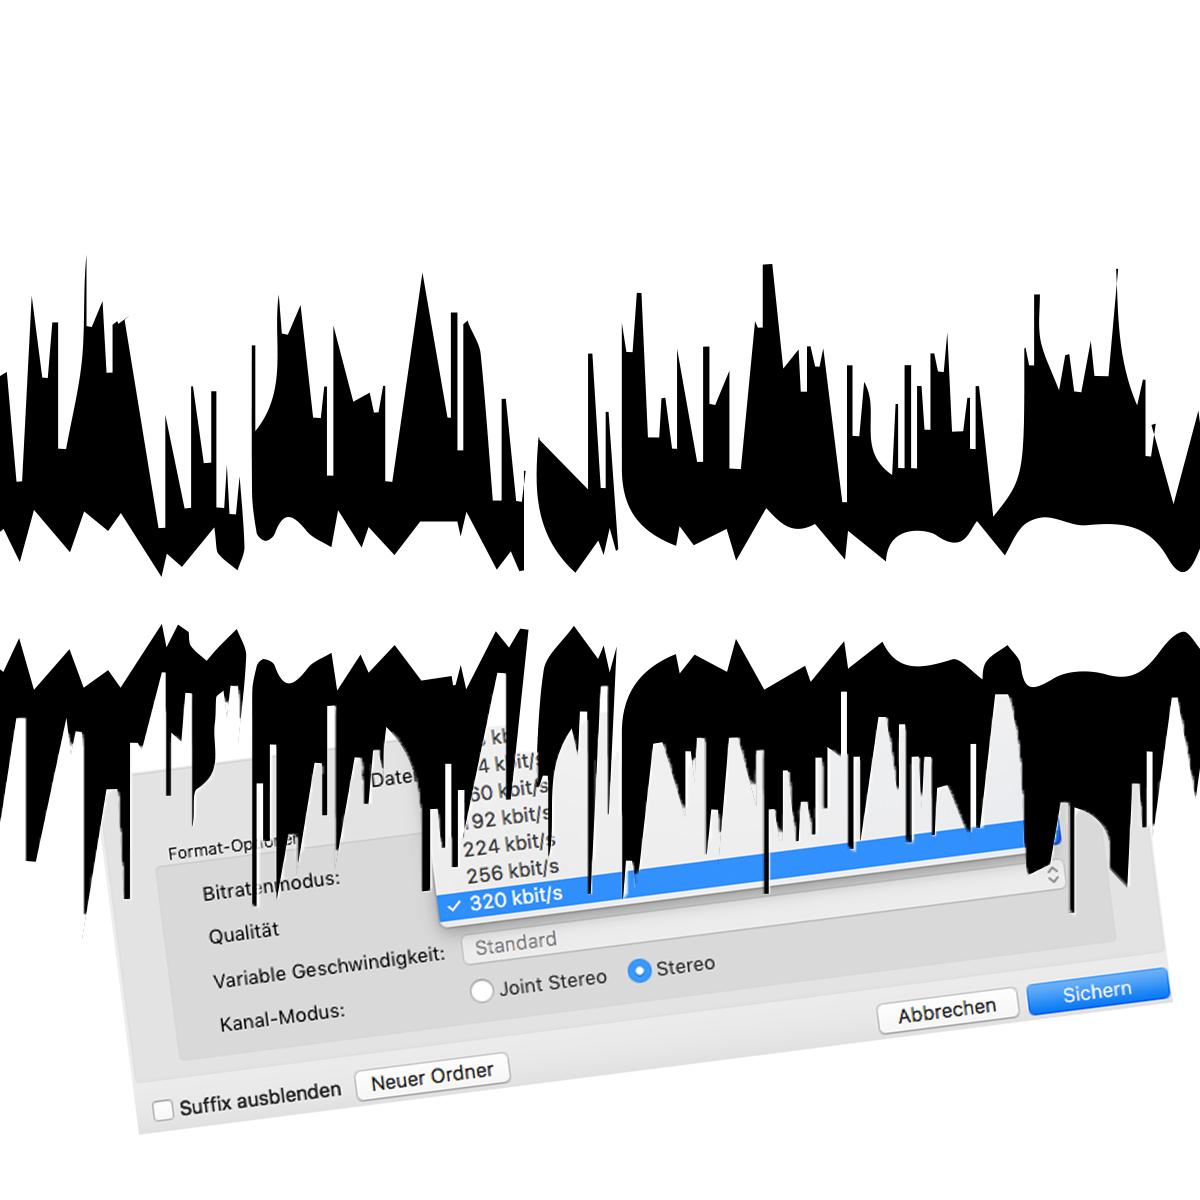 Musik streaming kwalitäät